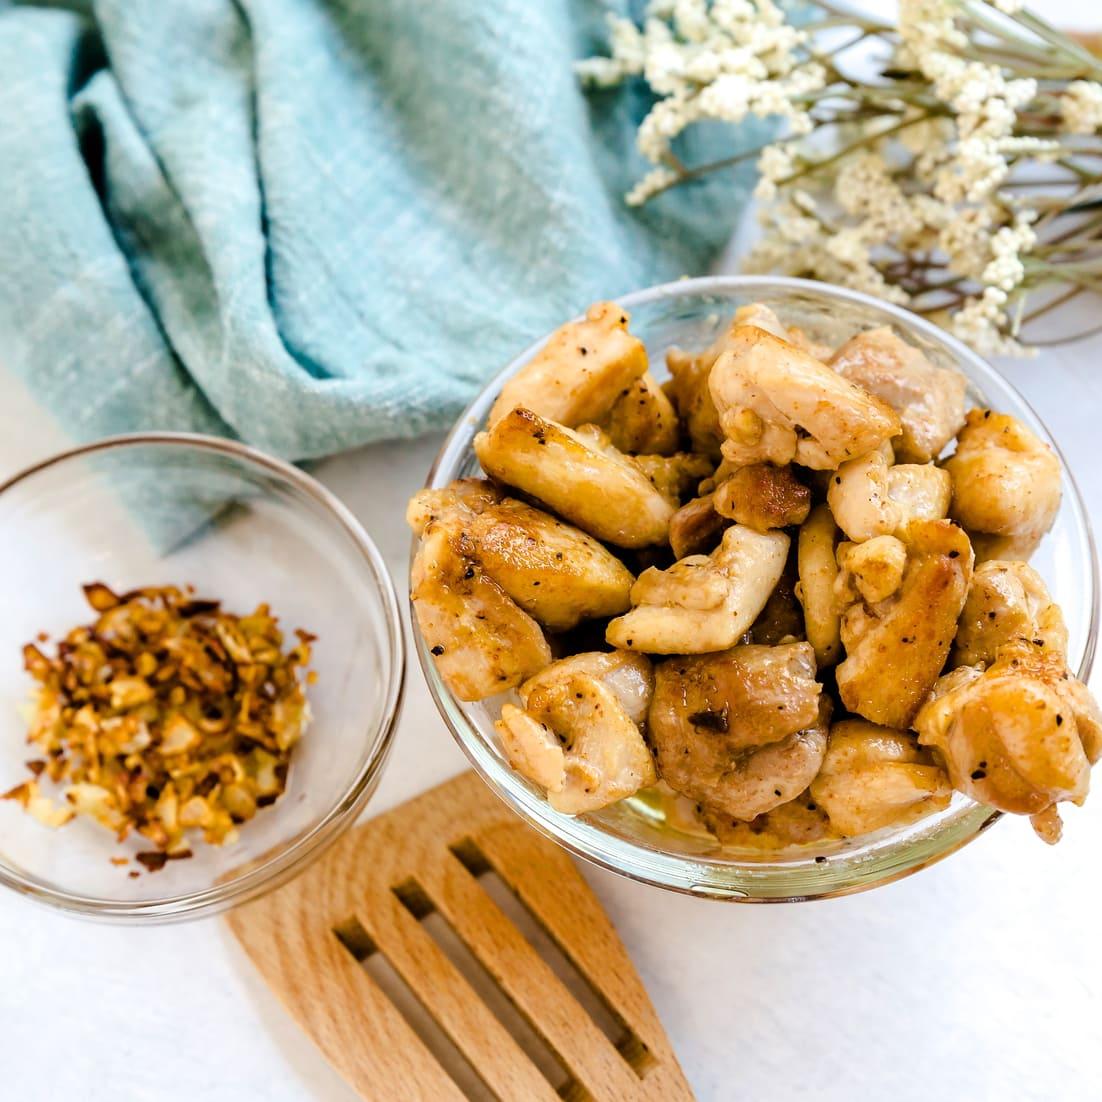 Minced crispy garlic next to cook spicy chicken